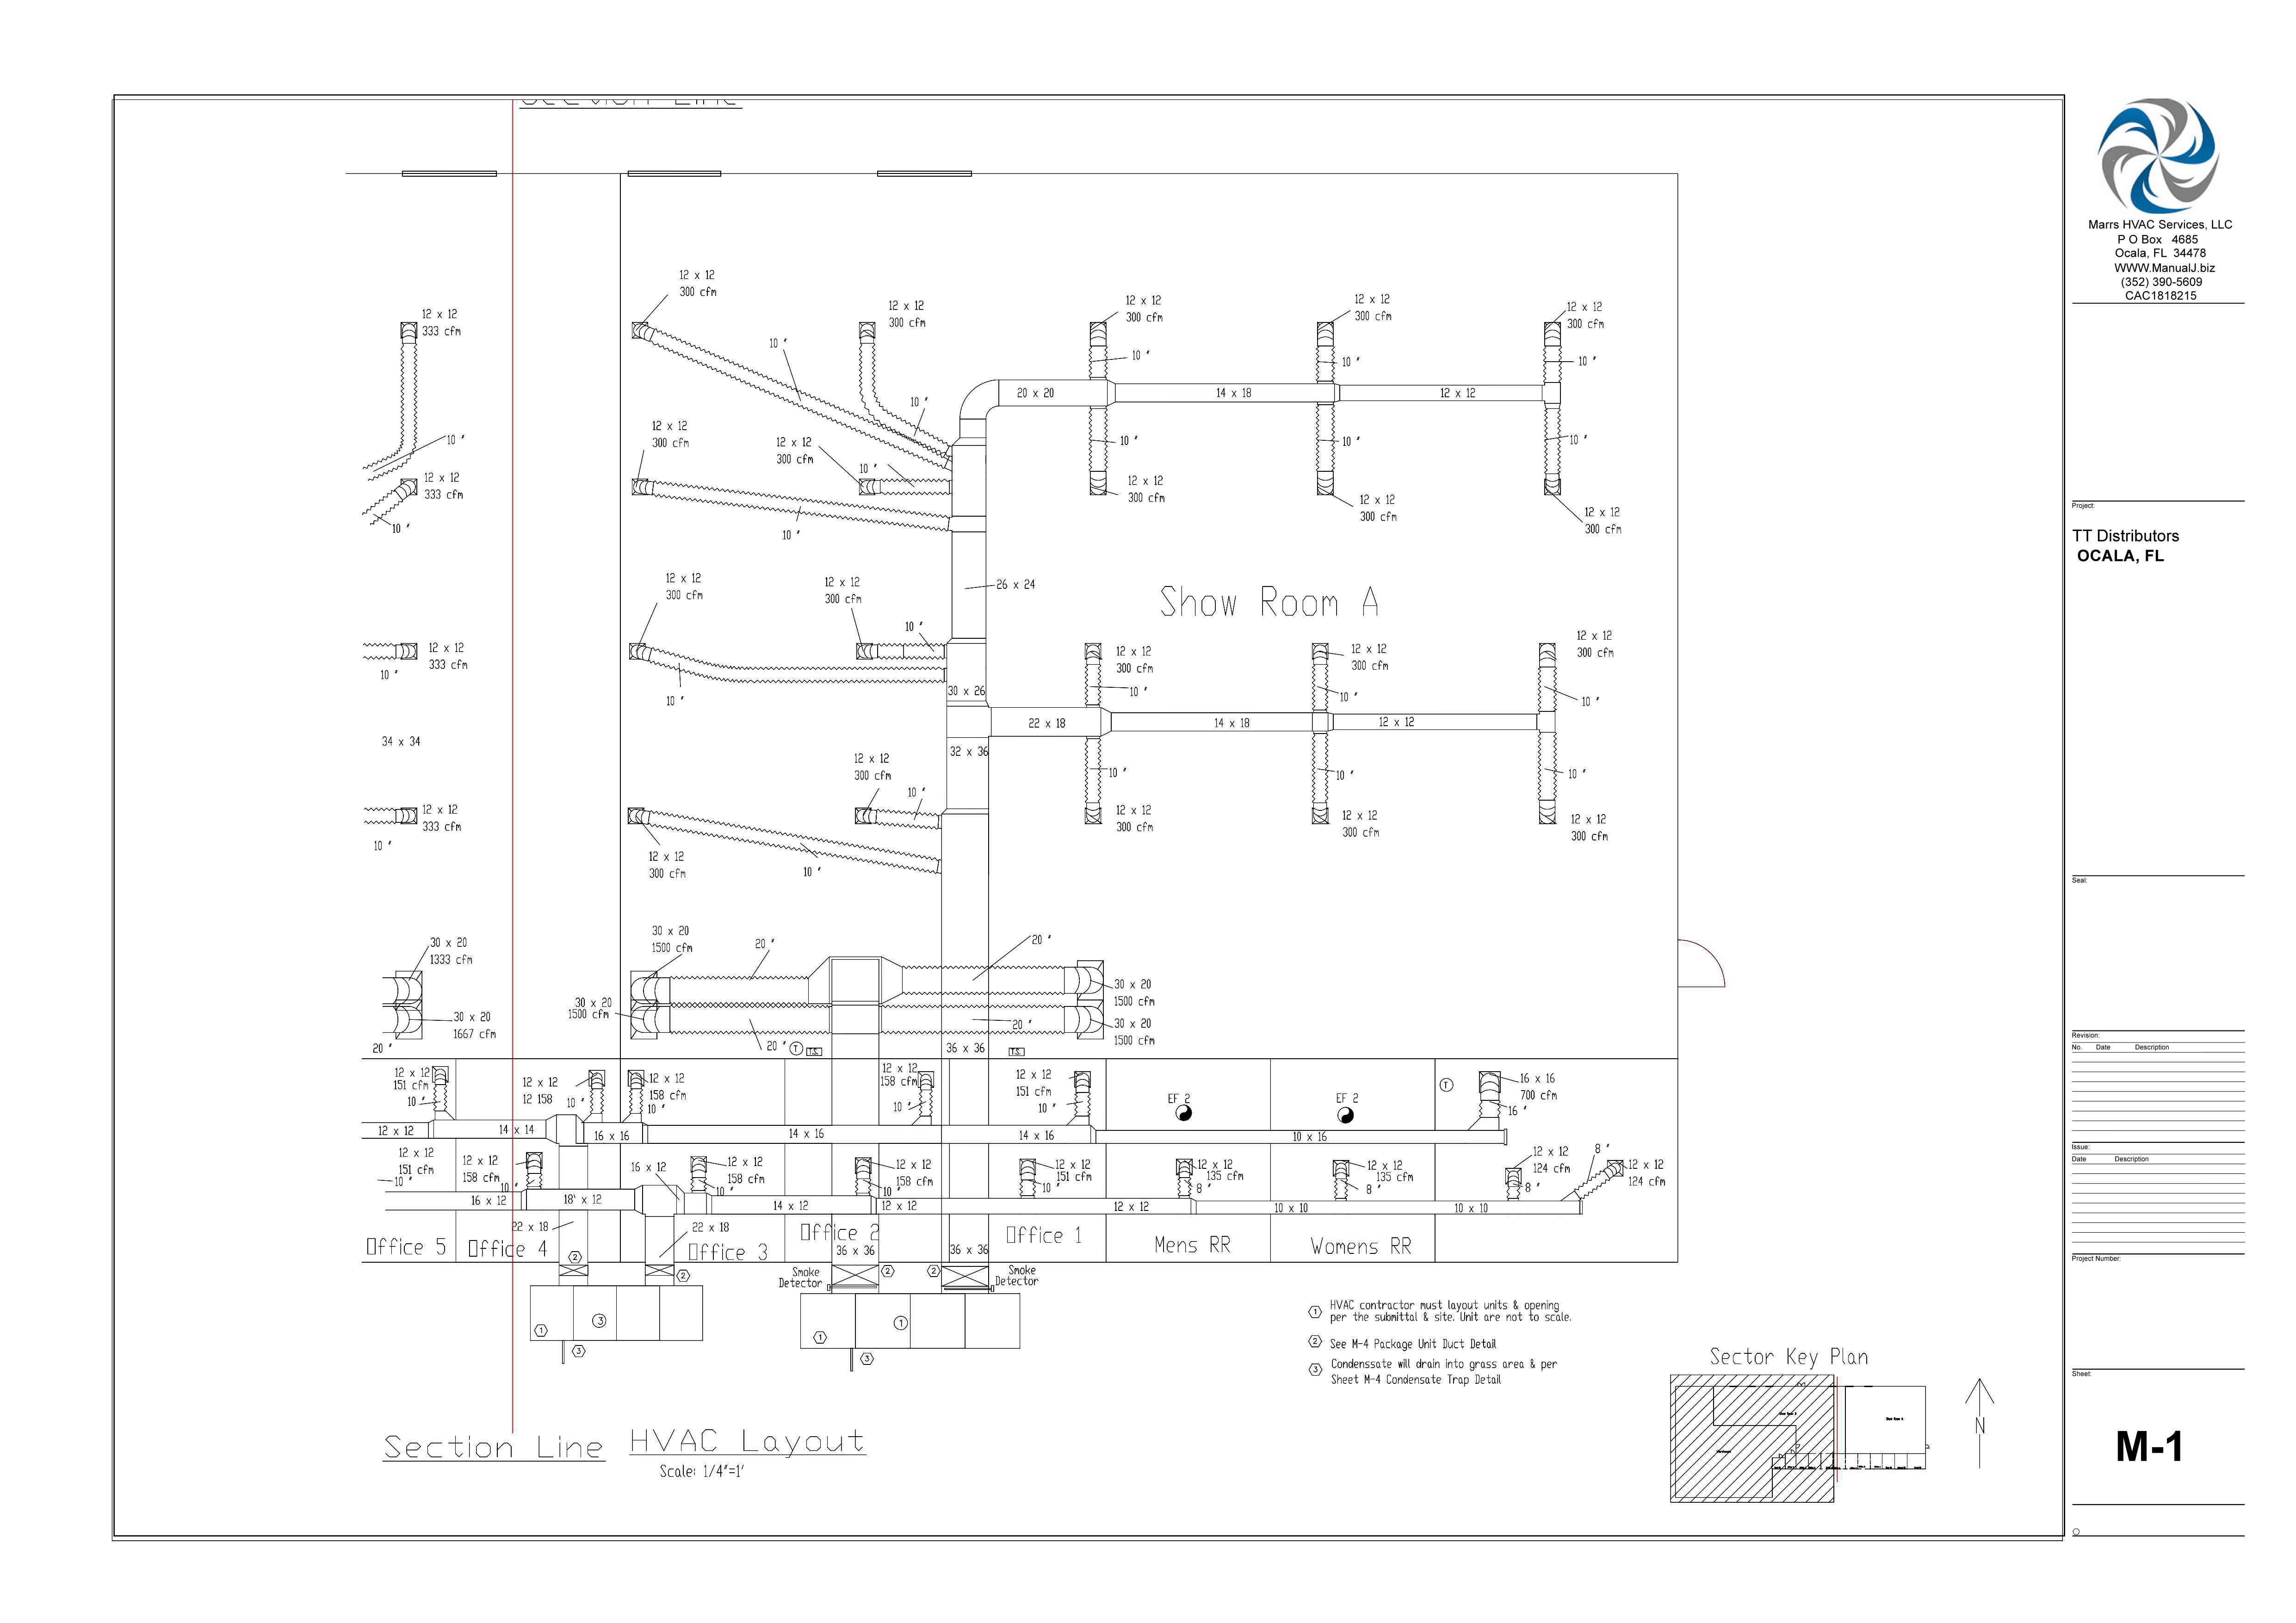 M-1 HVAC Layout